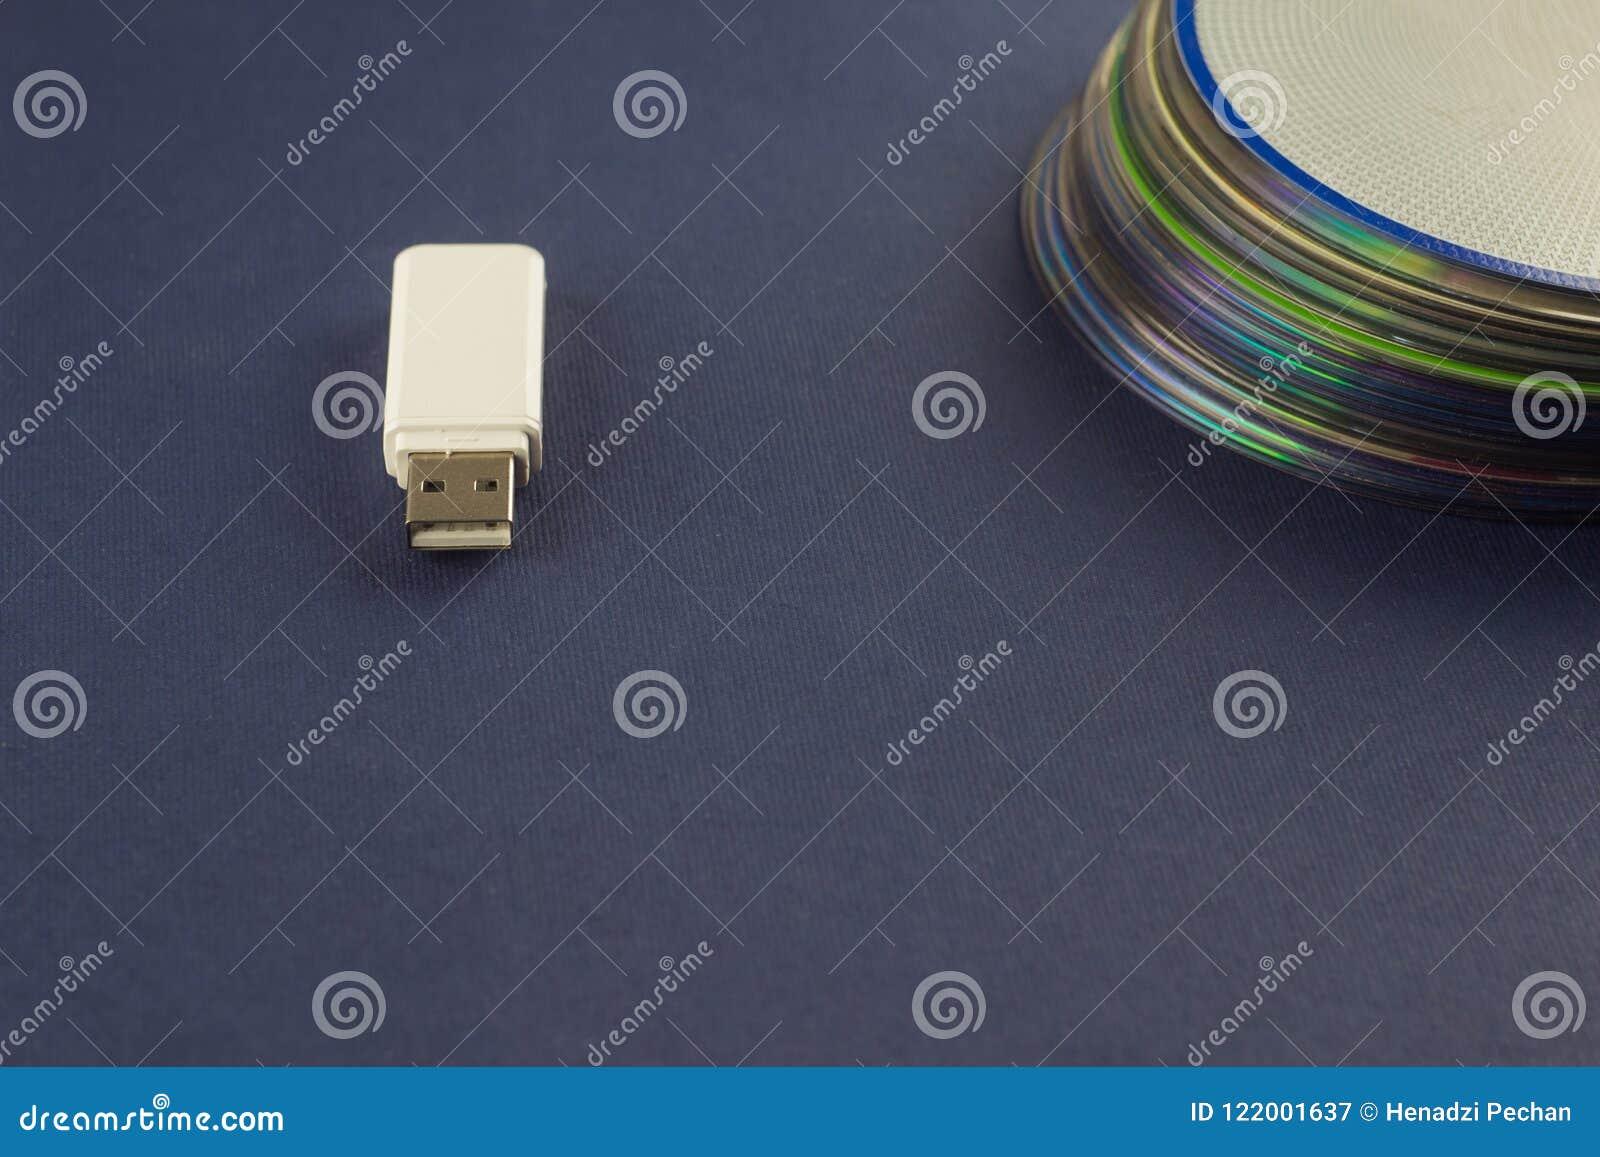 Vitexponeringsdrev och en bunt av CD, DVD, datoren, vitexponeringsdrev och en bunt av CD, DVD, dator